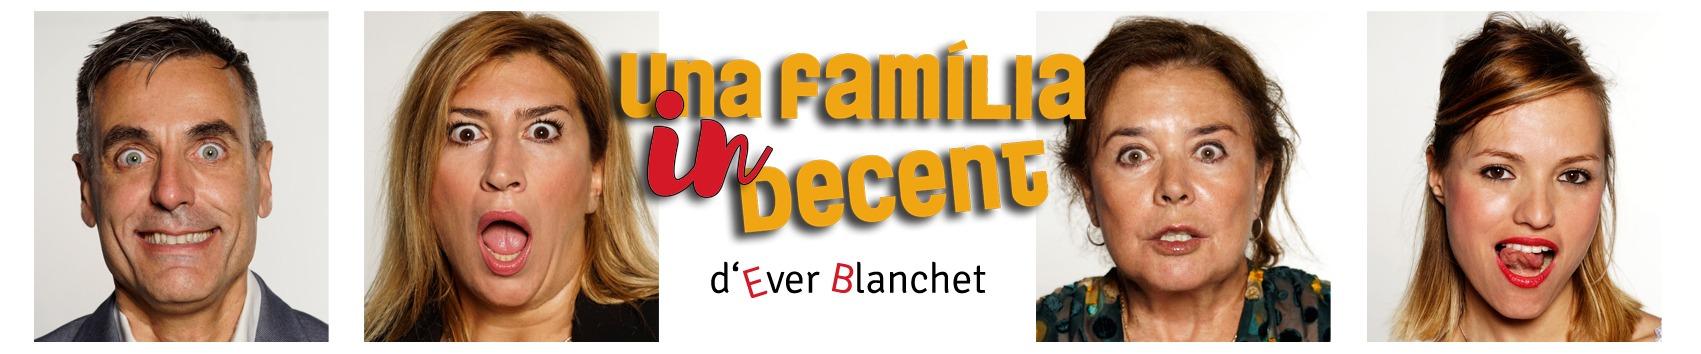 Banner_Familia_Indecent